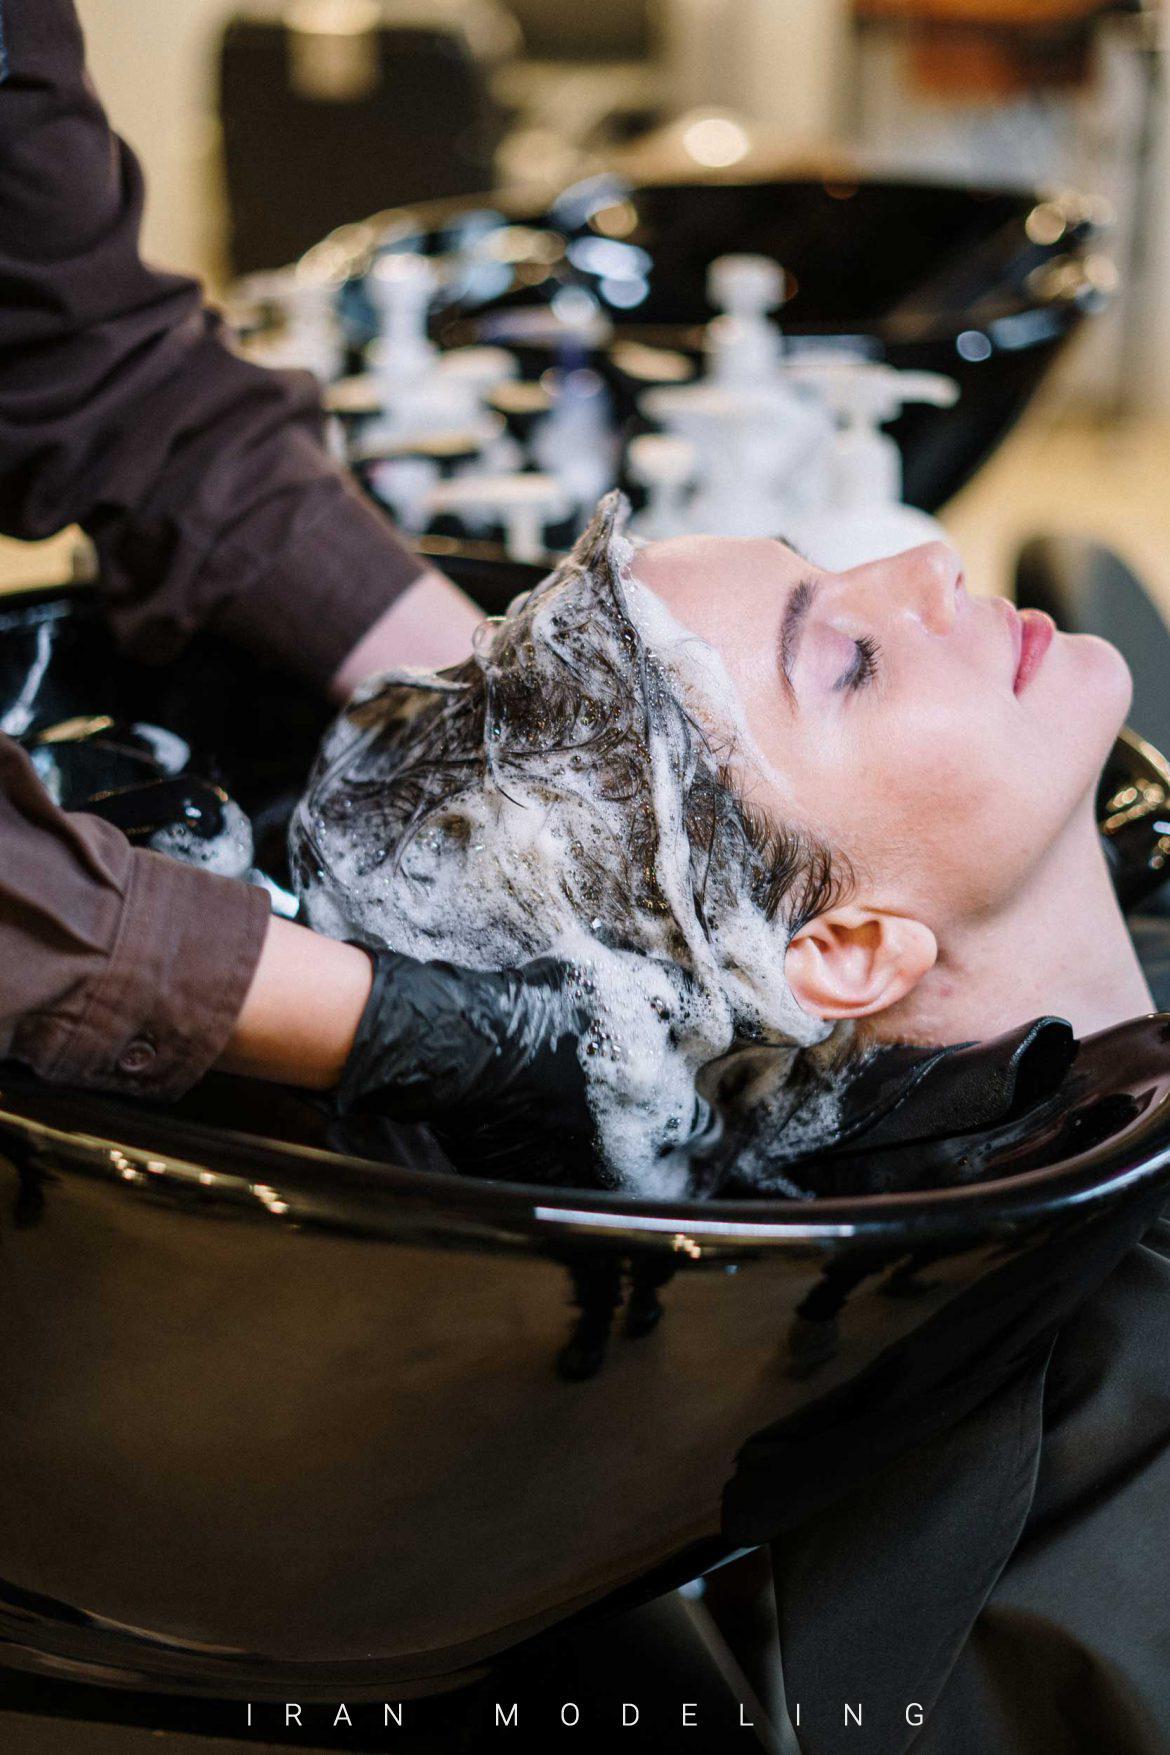 6 خطایی که هنگام شستن موها مرتکب می شوید و باعث ریزش مو می شود